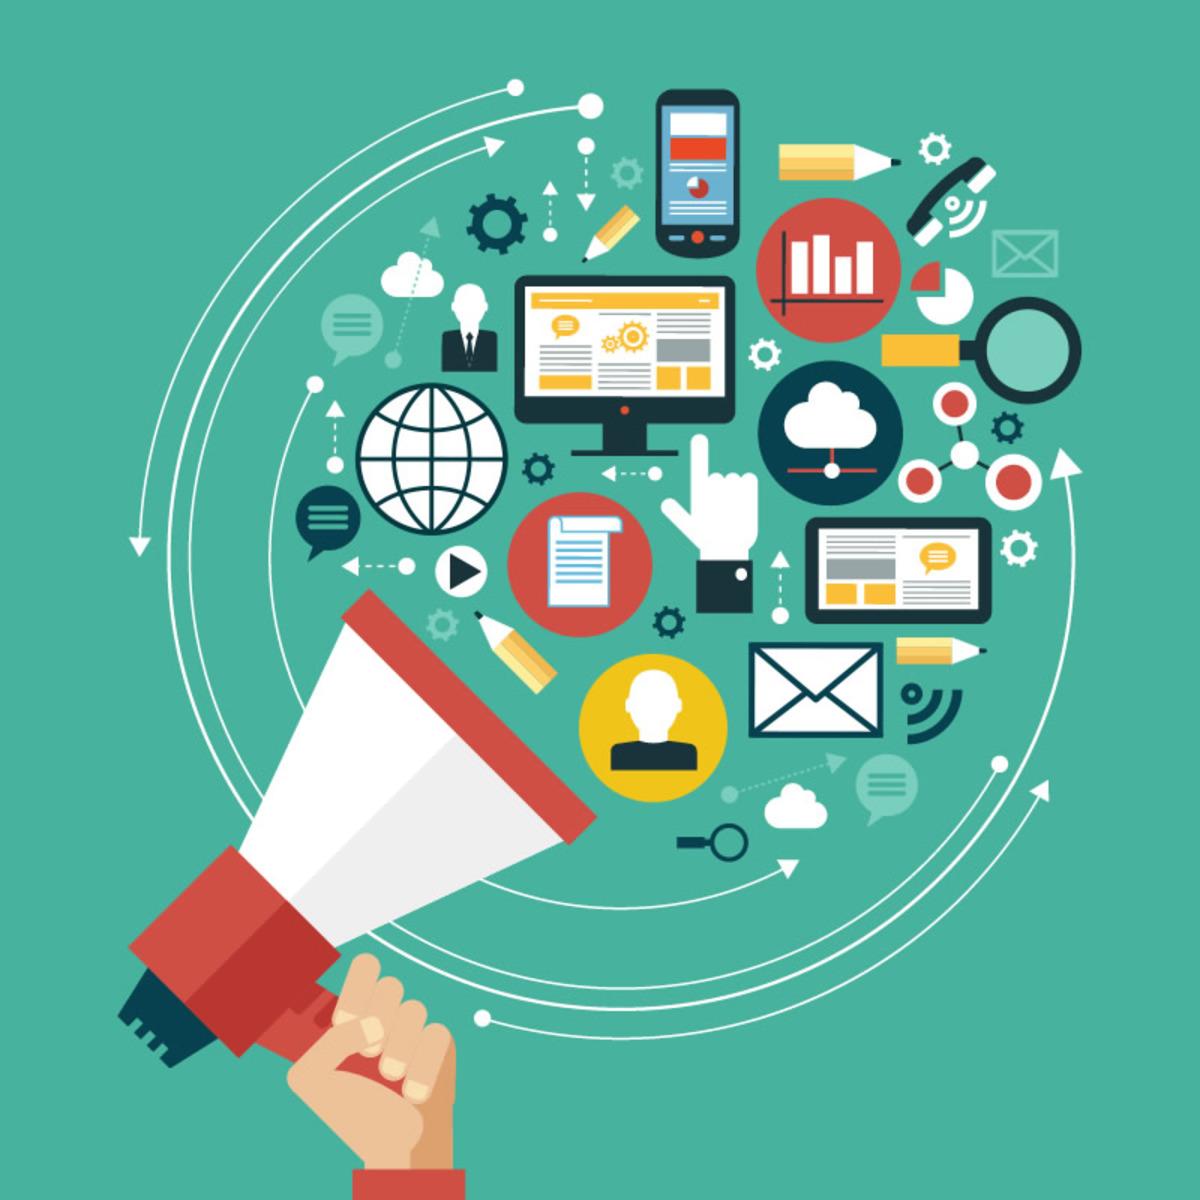 Requerimientos, planeación, ejecución y medición de estrategias para redes sociales course image